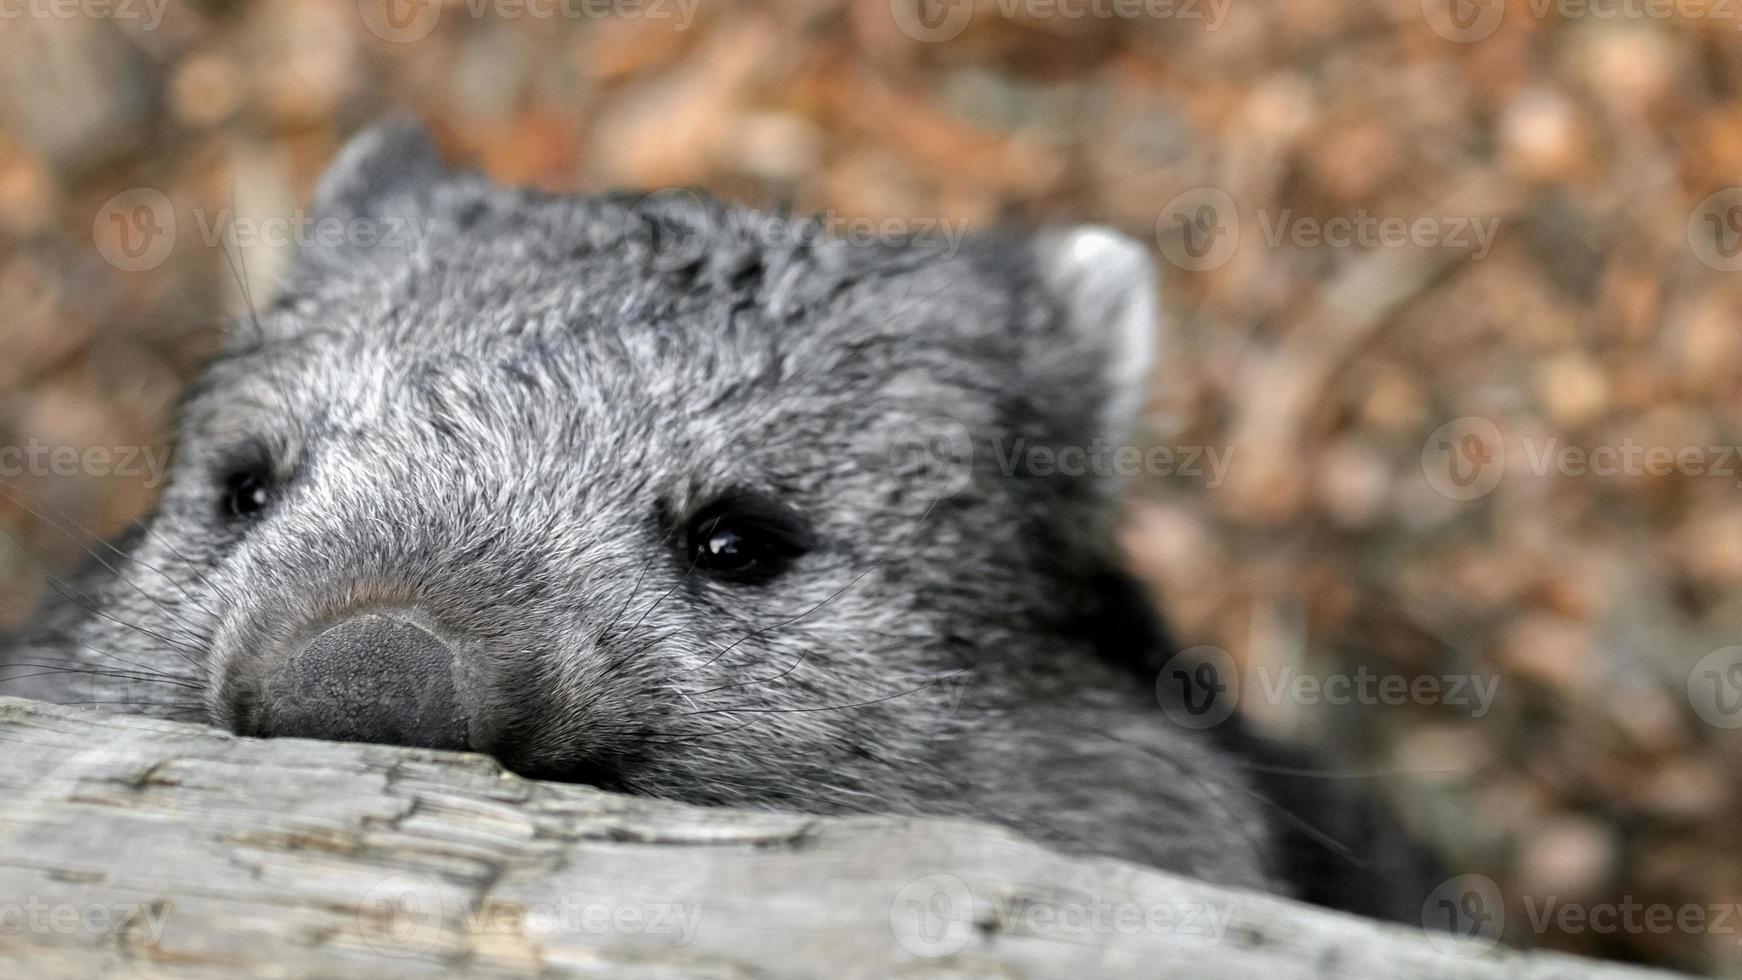 wombat sorrateira olhando por cima do muro foto